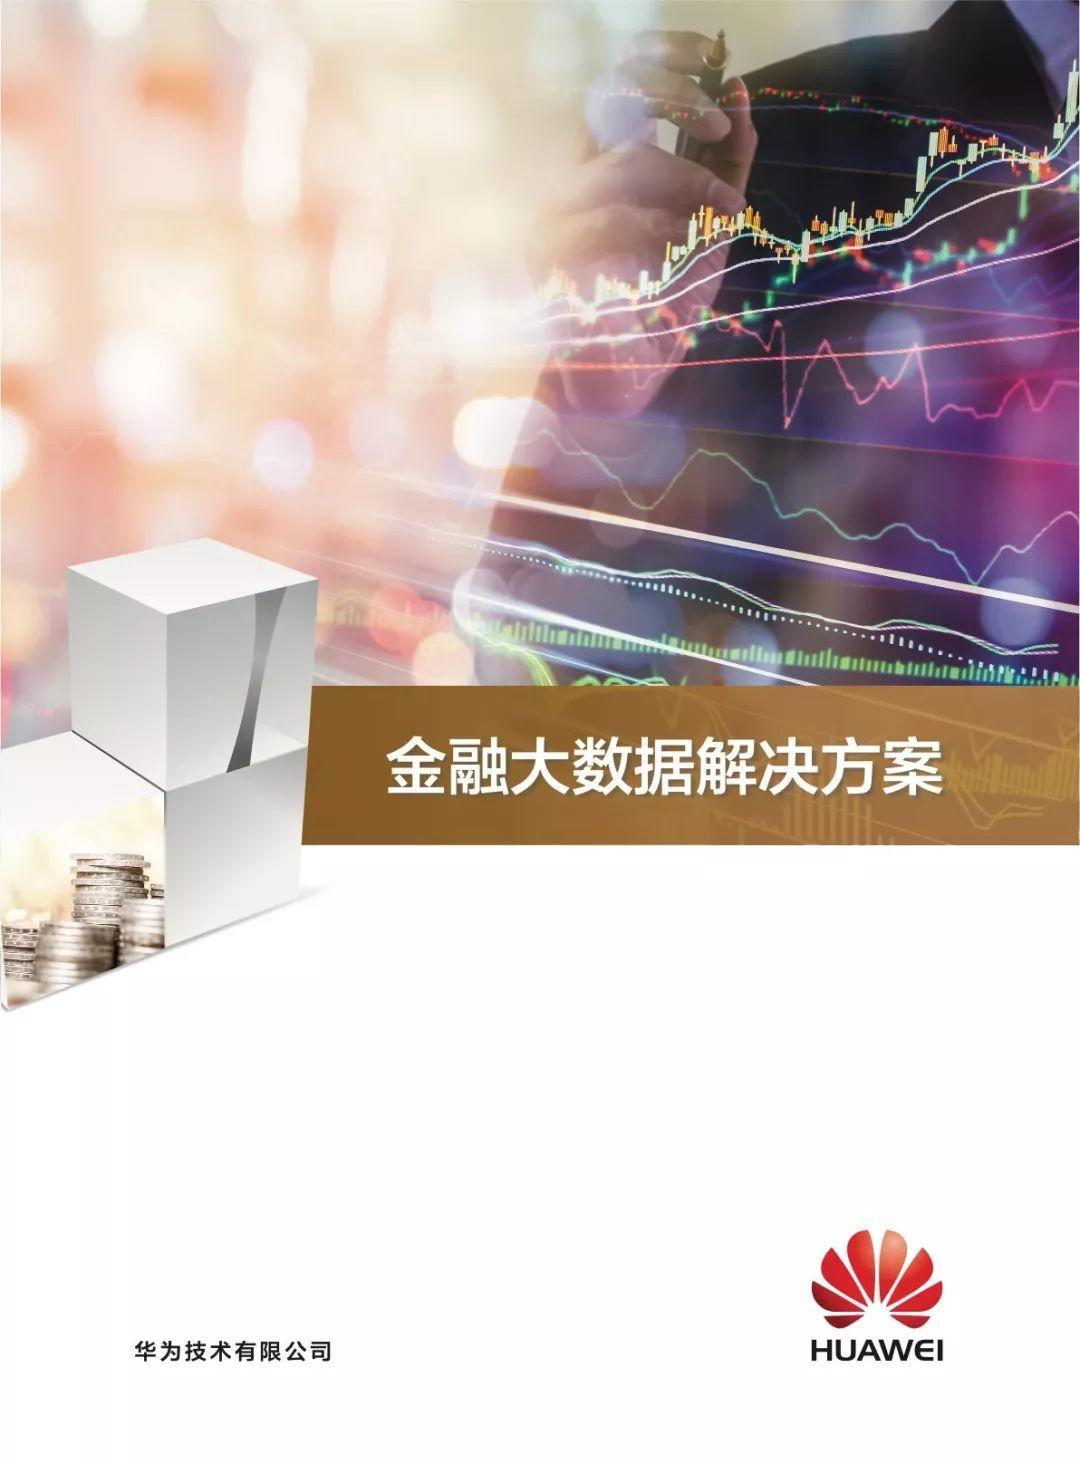 华为金融大数据解决方案